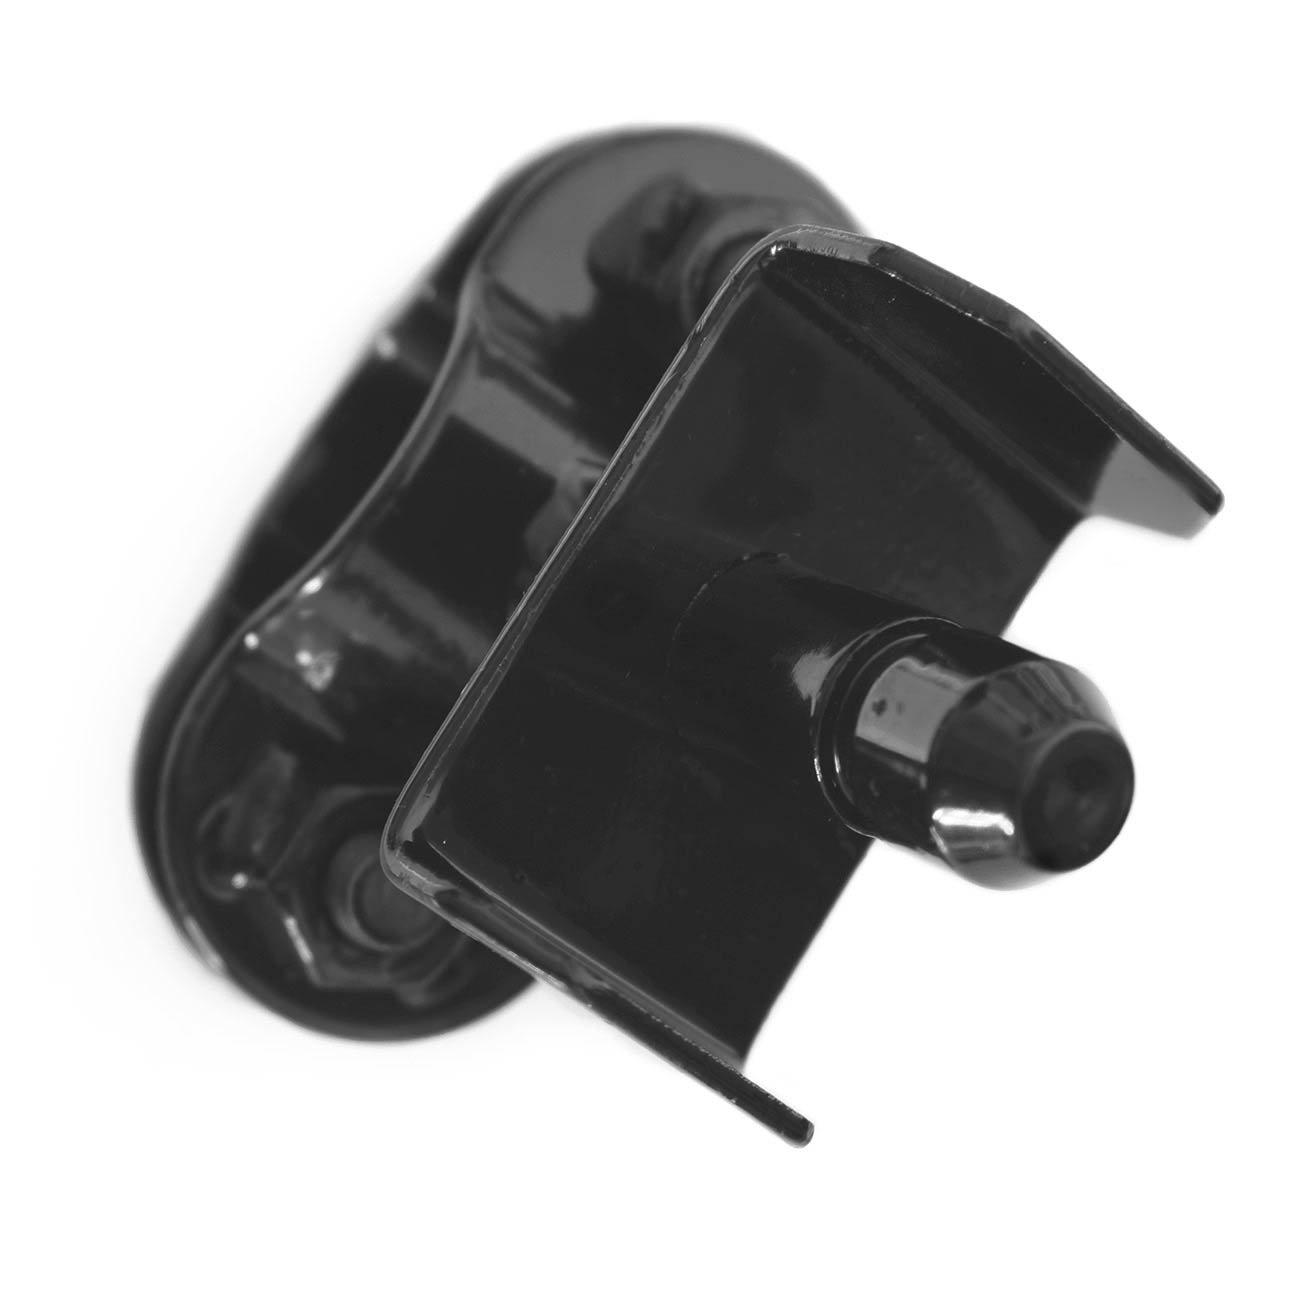 SAMAX Attache Embrayage Remorque de V/élo Chariot de Transport pour 60 Kg 70 L Haute Traction Poign/ée et B/âche en Noir